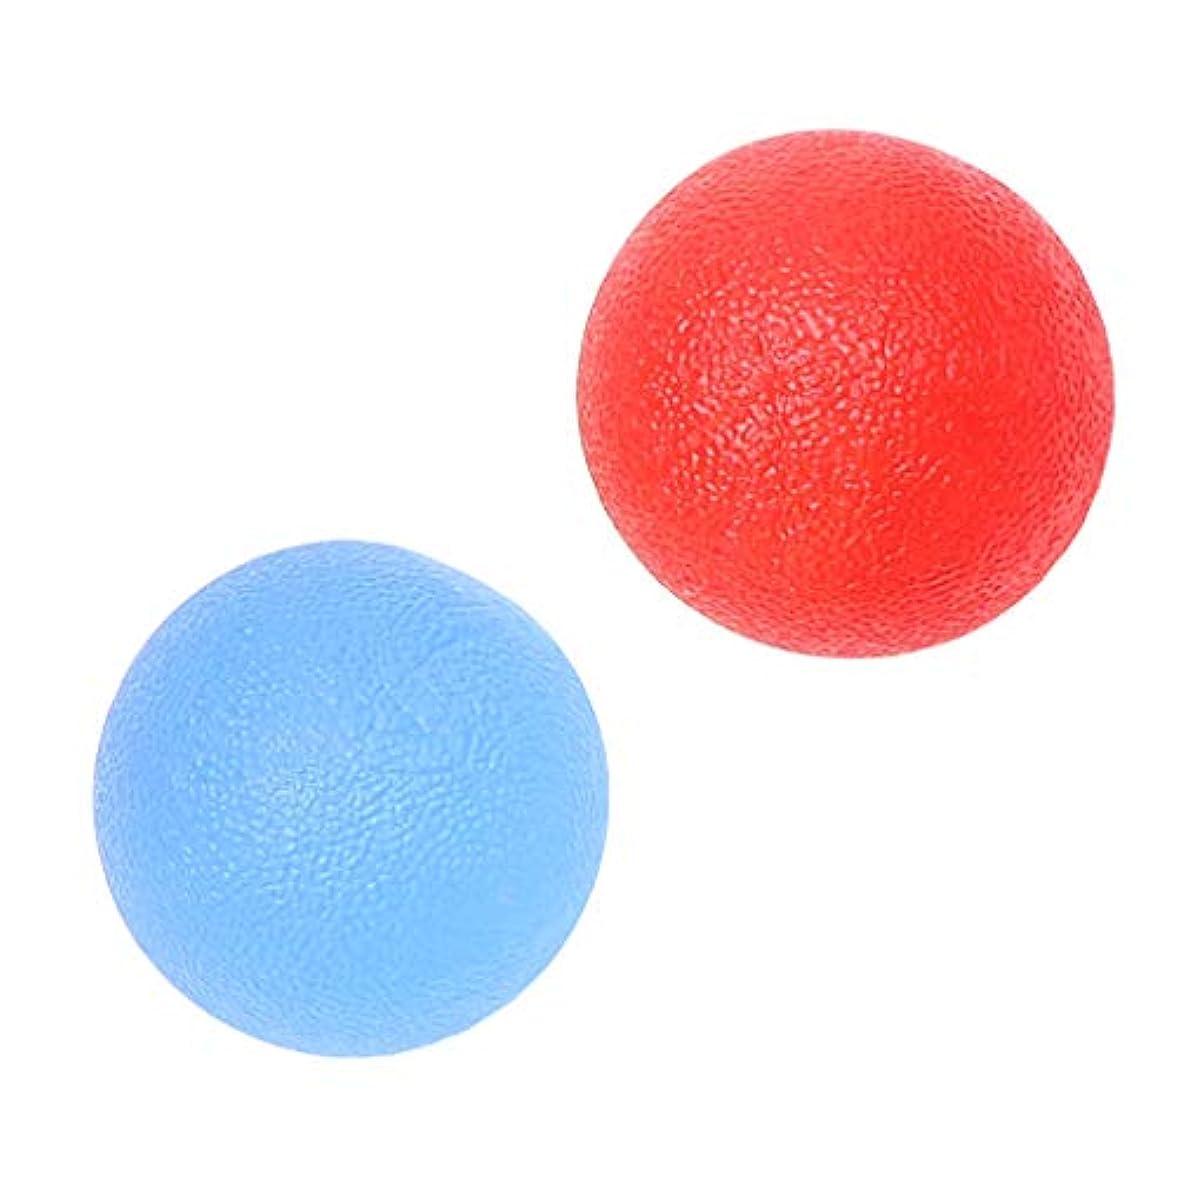 小屋省テスピアン2個 ハンドエクササイズボール ハンドグリップ シリコン 指トレーニング ストレス緩和 減圧 赤/青